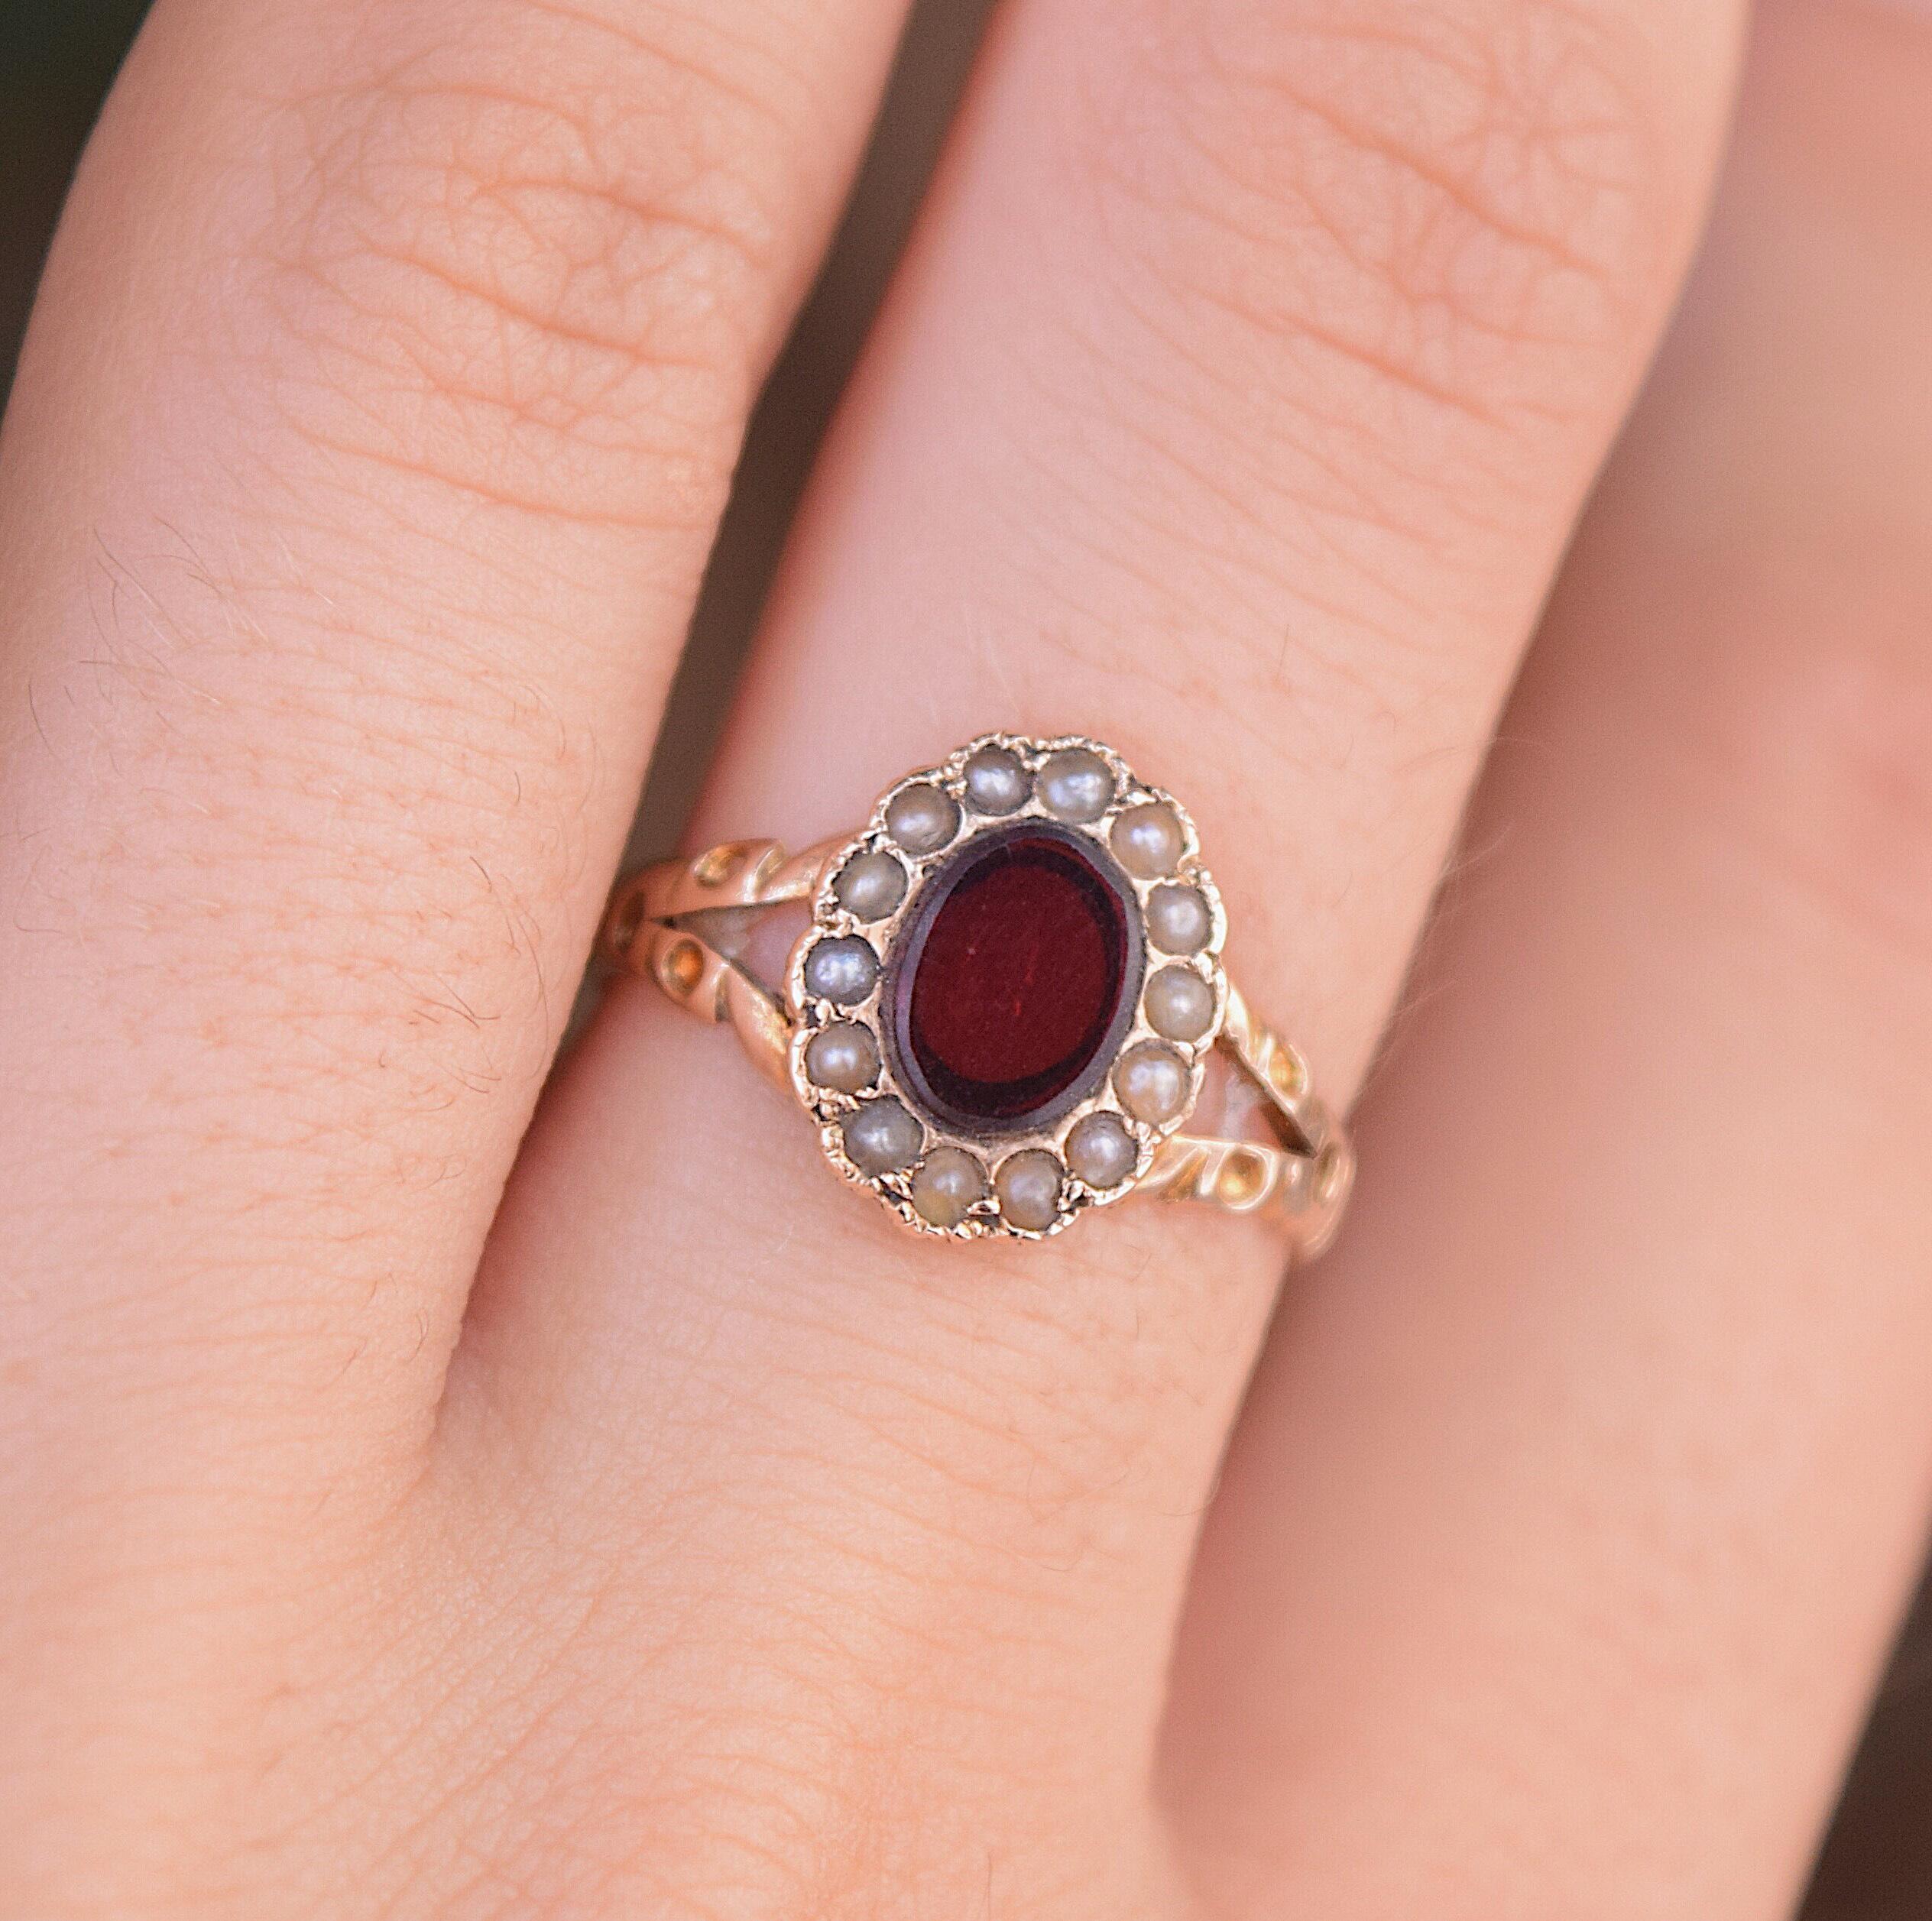 טבעת עתיקה, זהב עם גרנט ופניני ים.